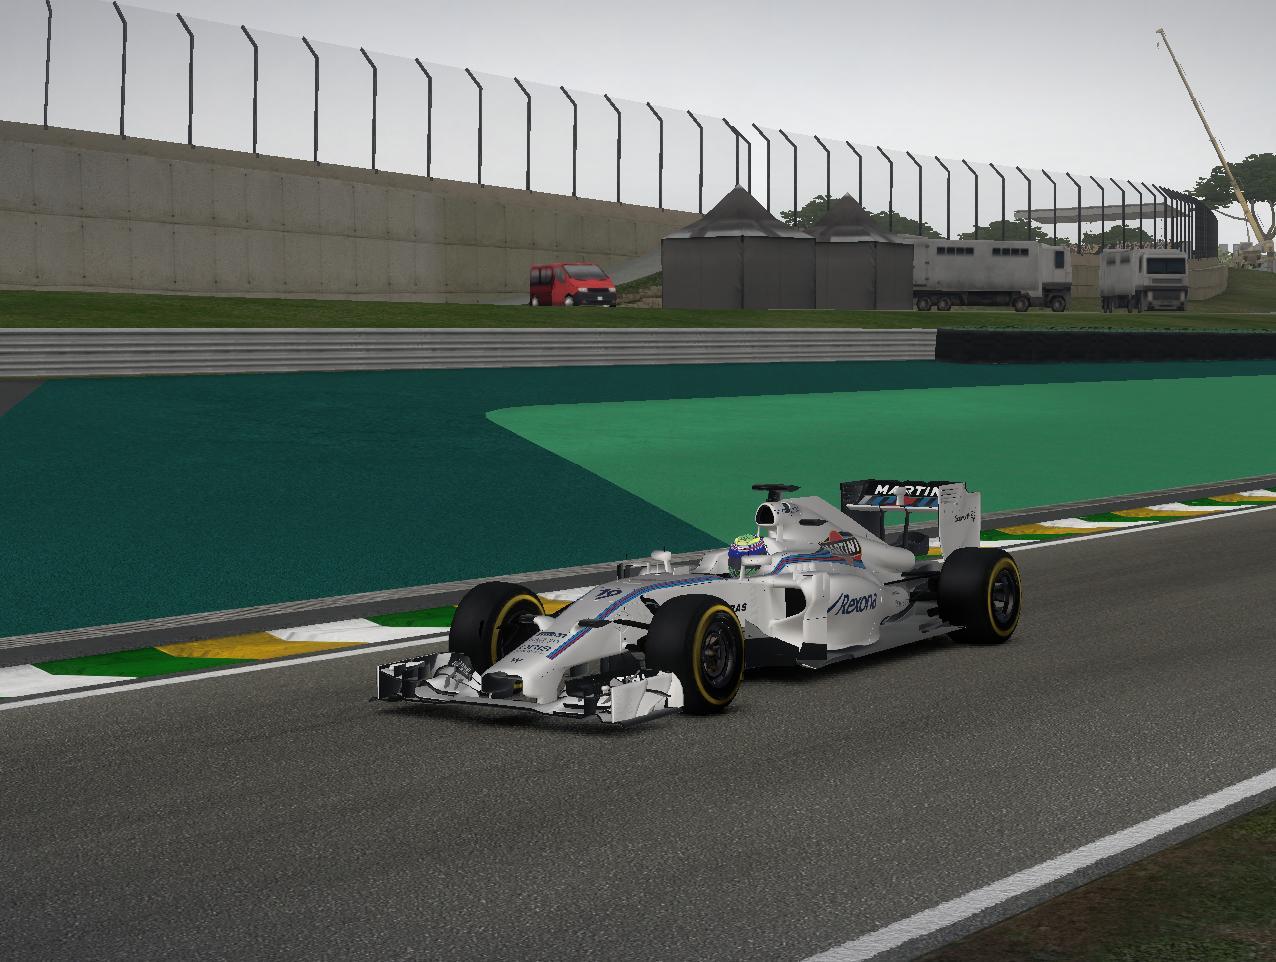 F1_2014 2015-01-24 12-39-11-79.jpg